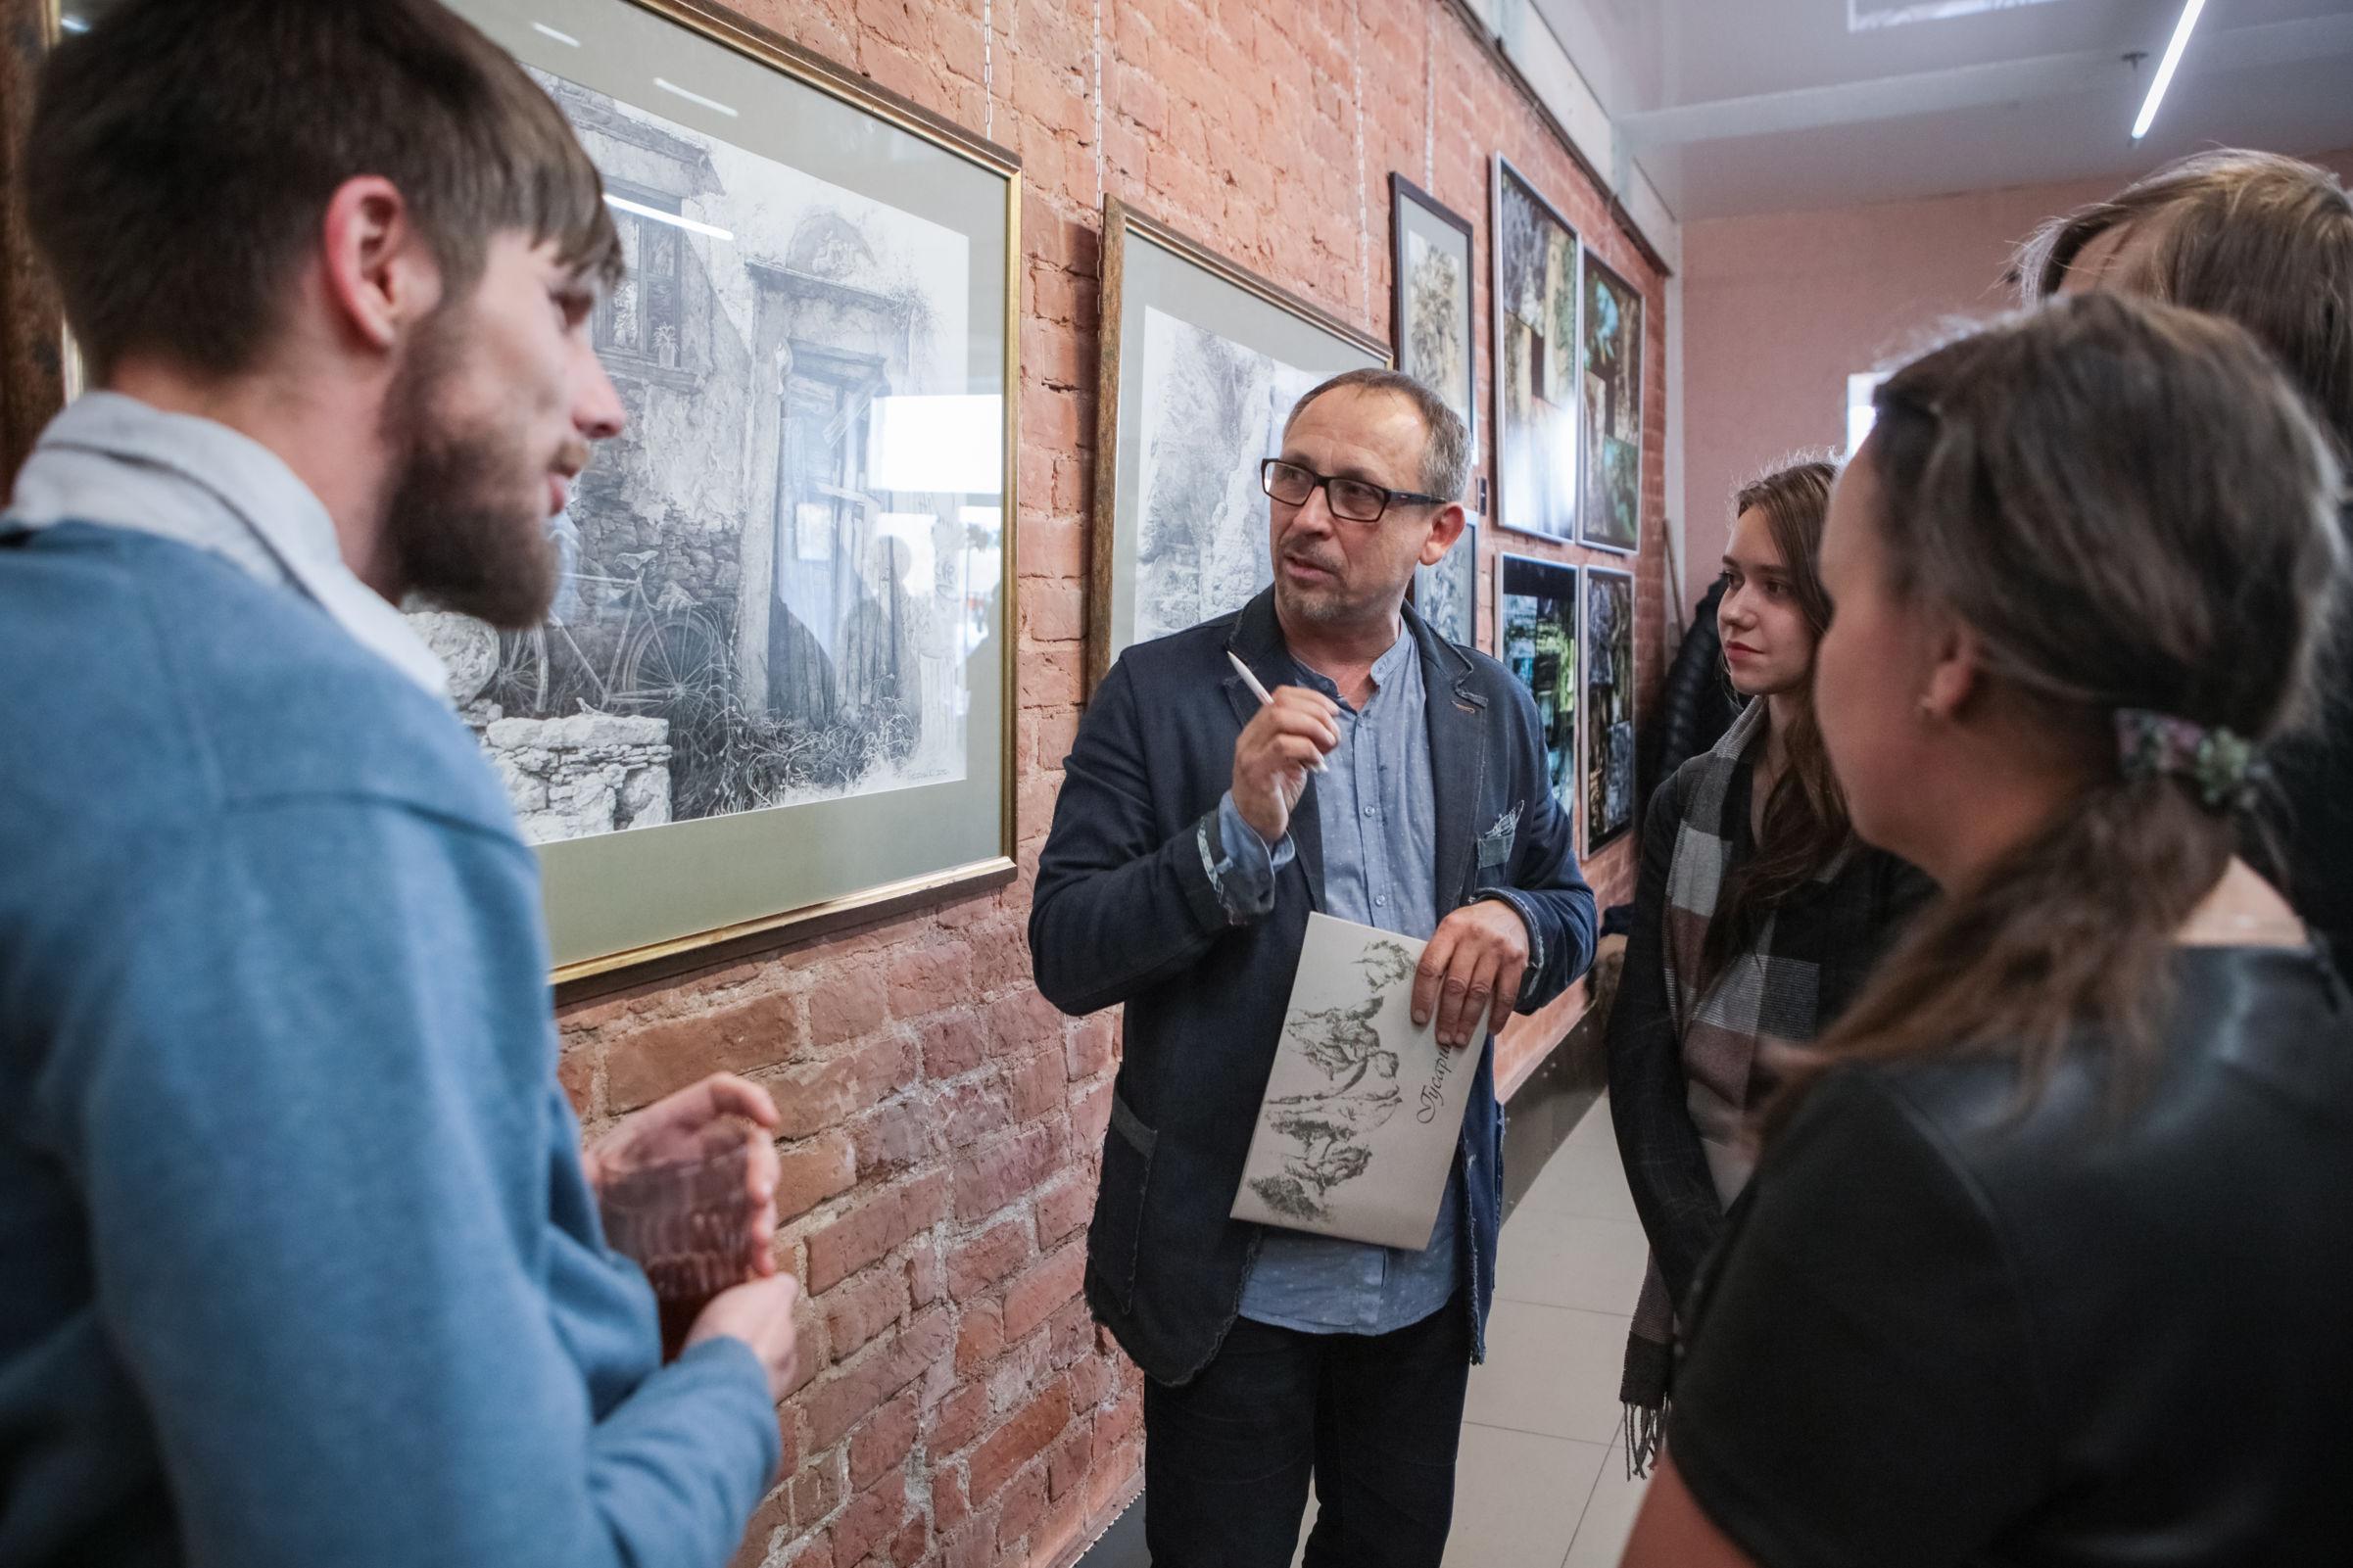 Сны становятся реальностью в Ярославле. Открылась выставка члена Российской академии художеств